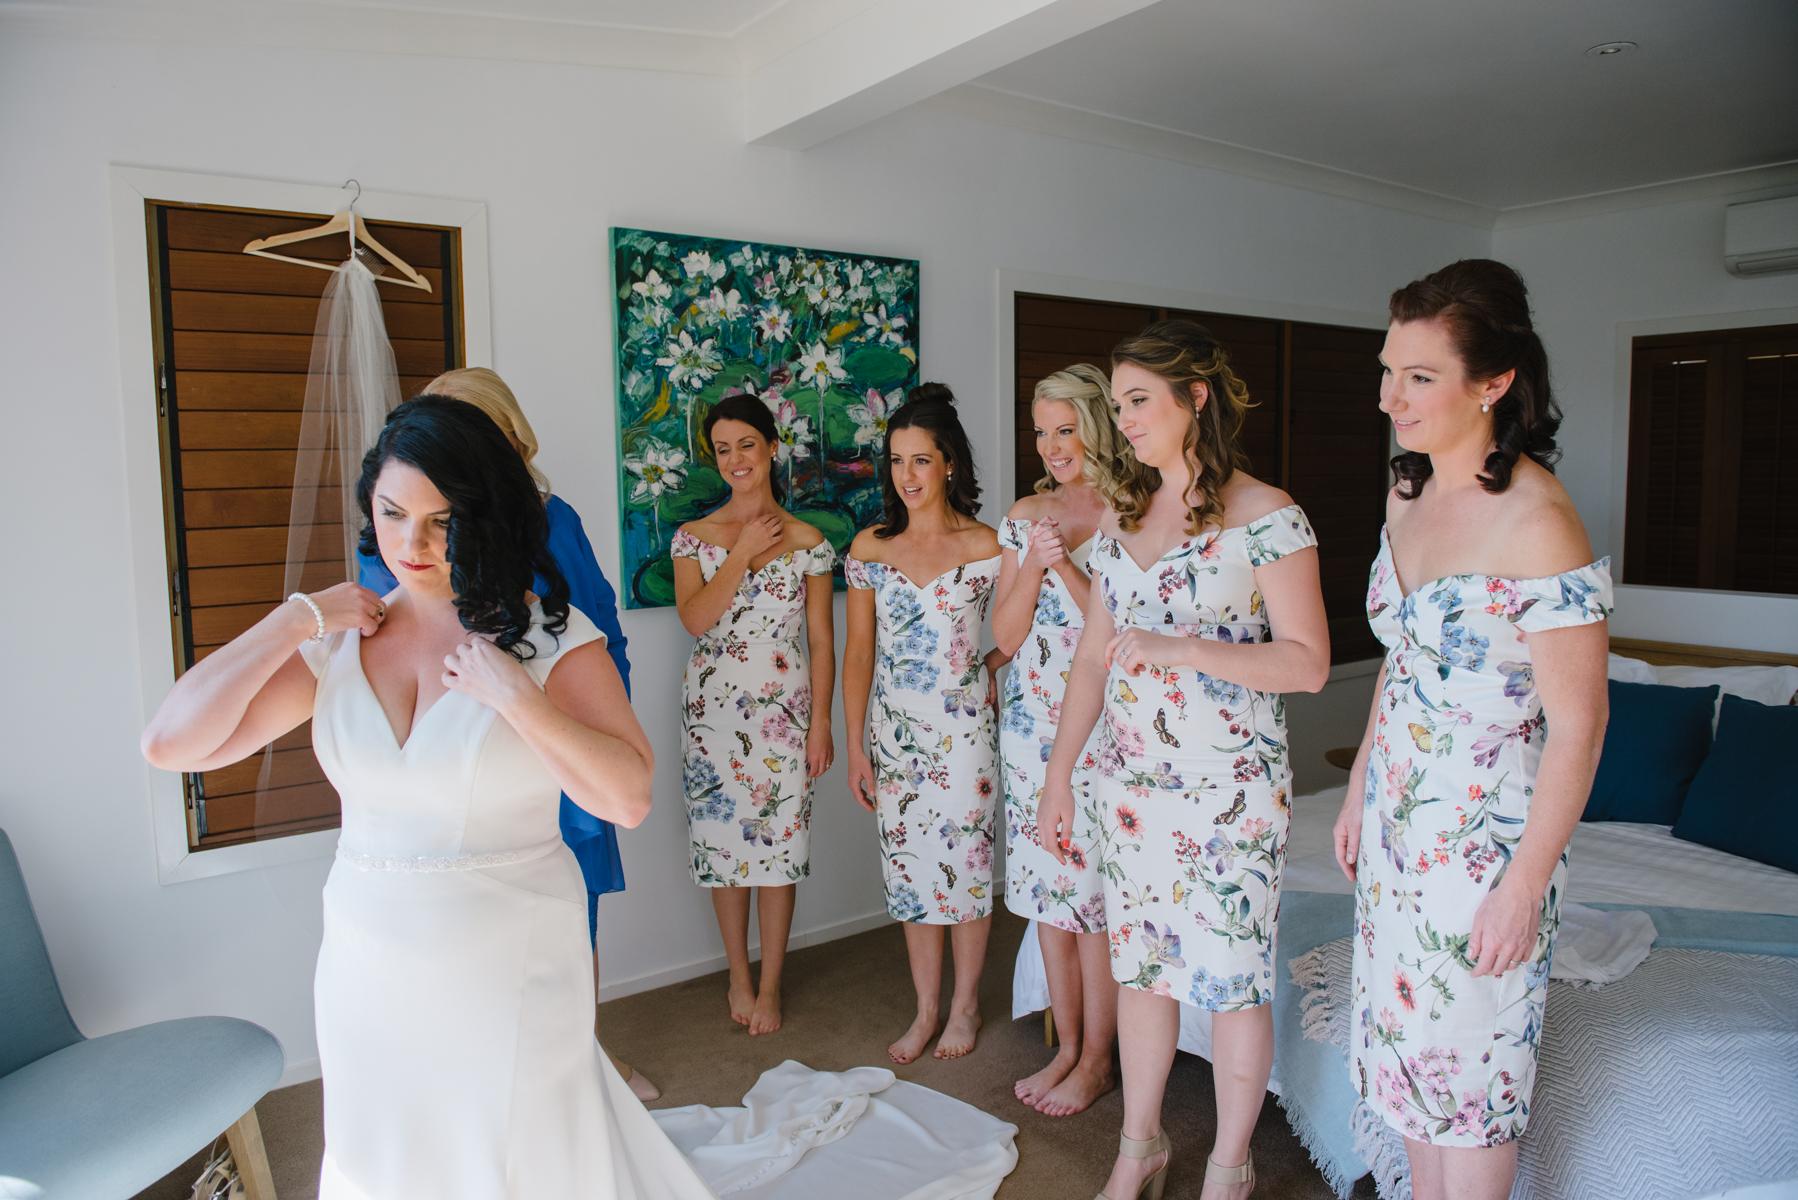 sarahandBenwedding- skyla sage photography weddings, families, byron bay,tweed coast,kingscliff,cabarita,gold coast-242.jpg